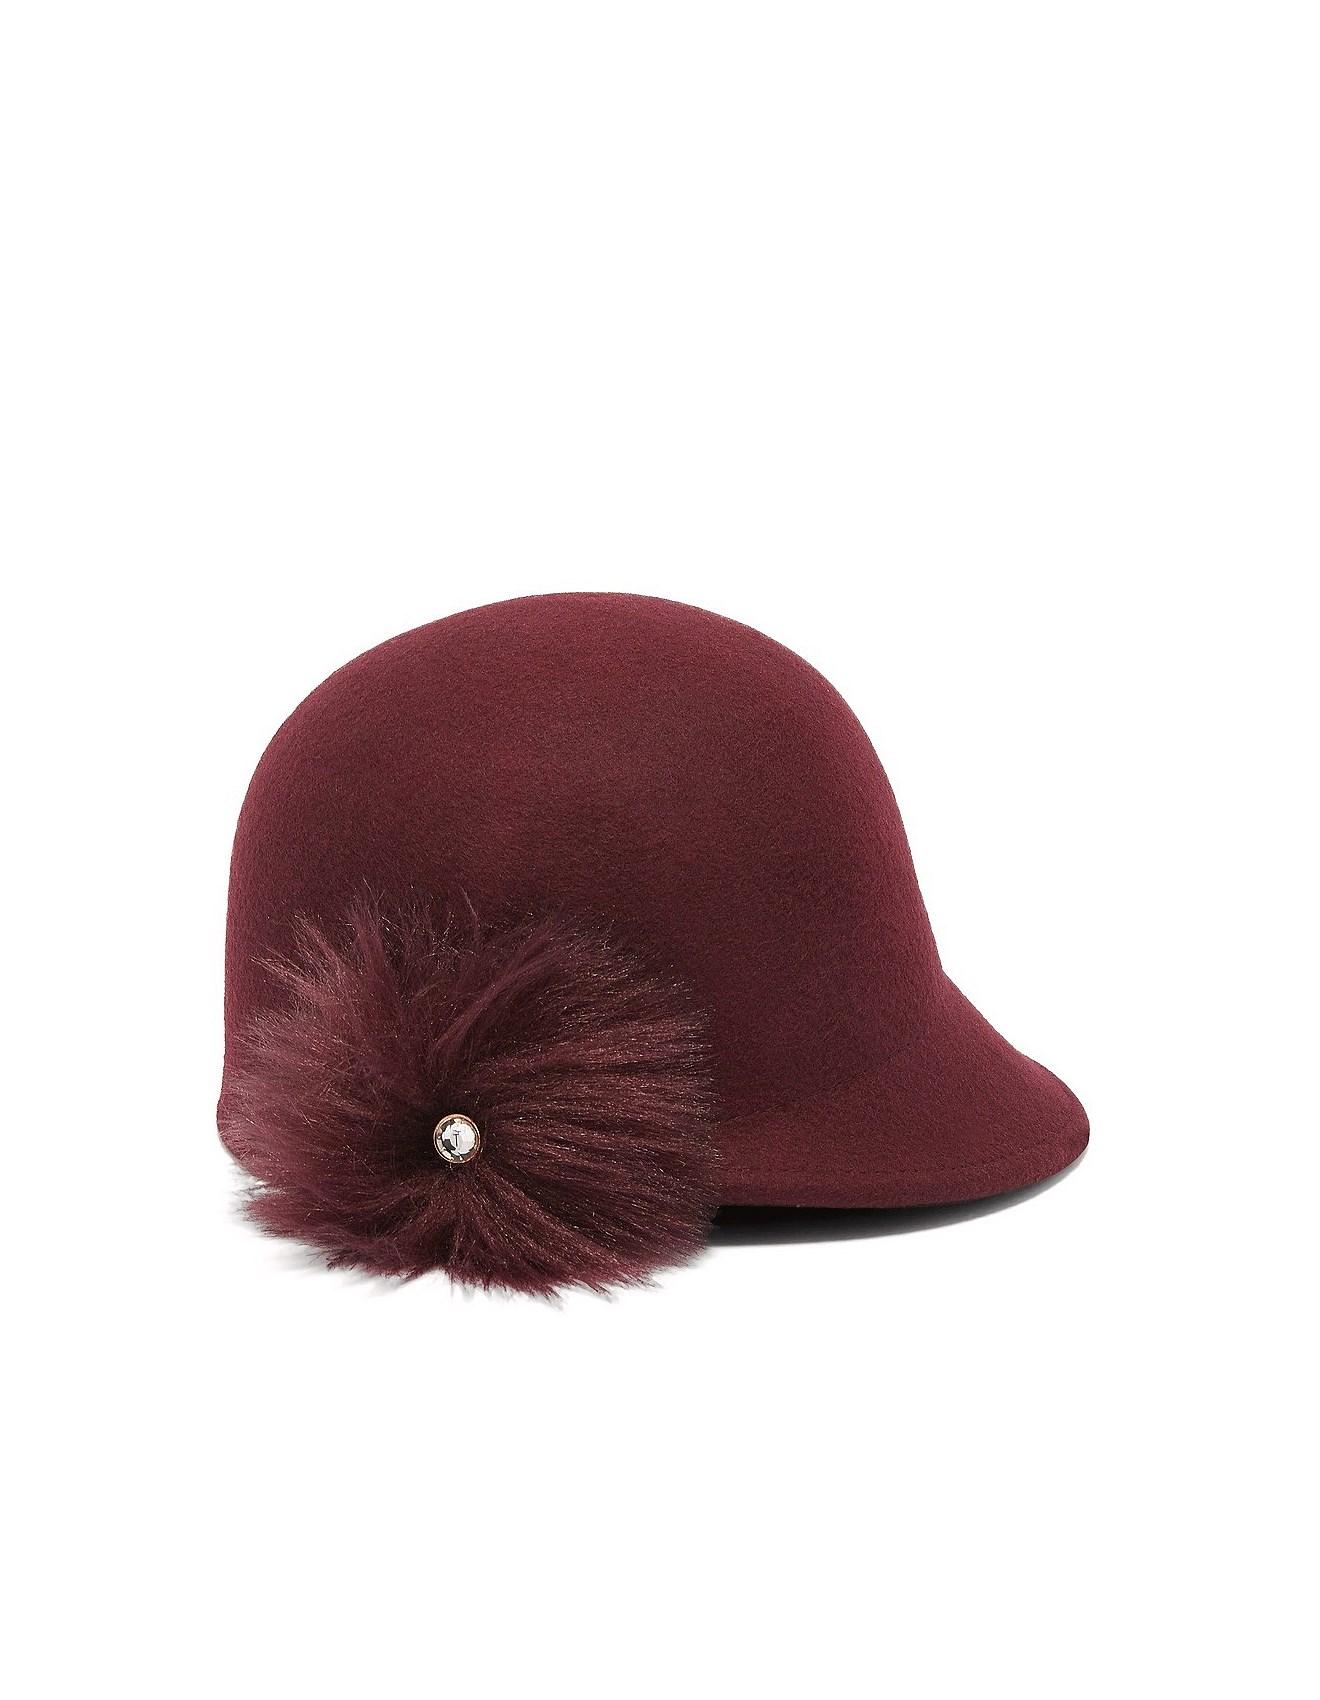 758f6d2b43d FAUX FUR POM POM FELT HAT